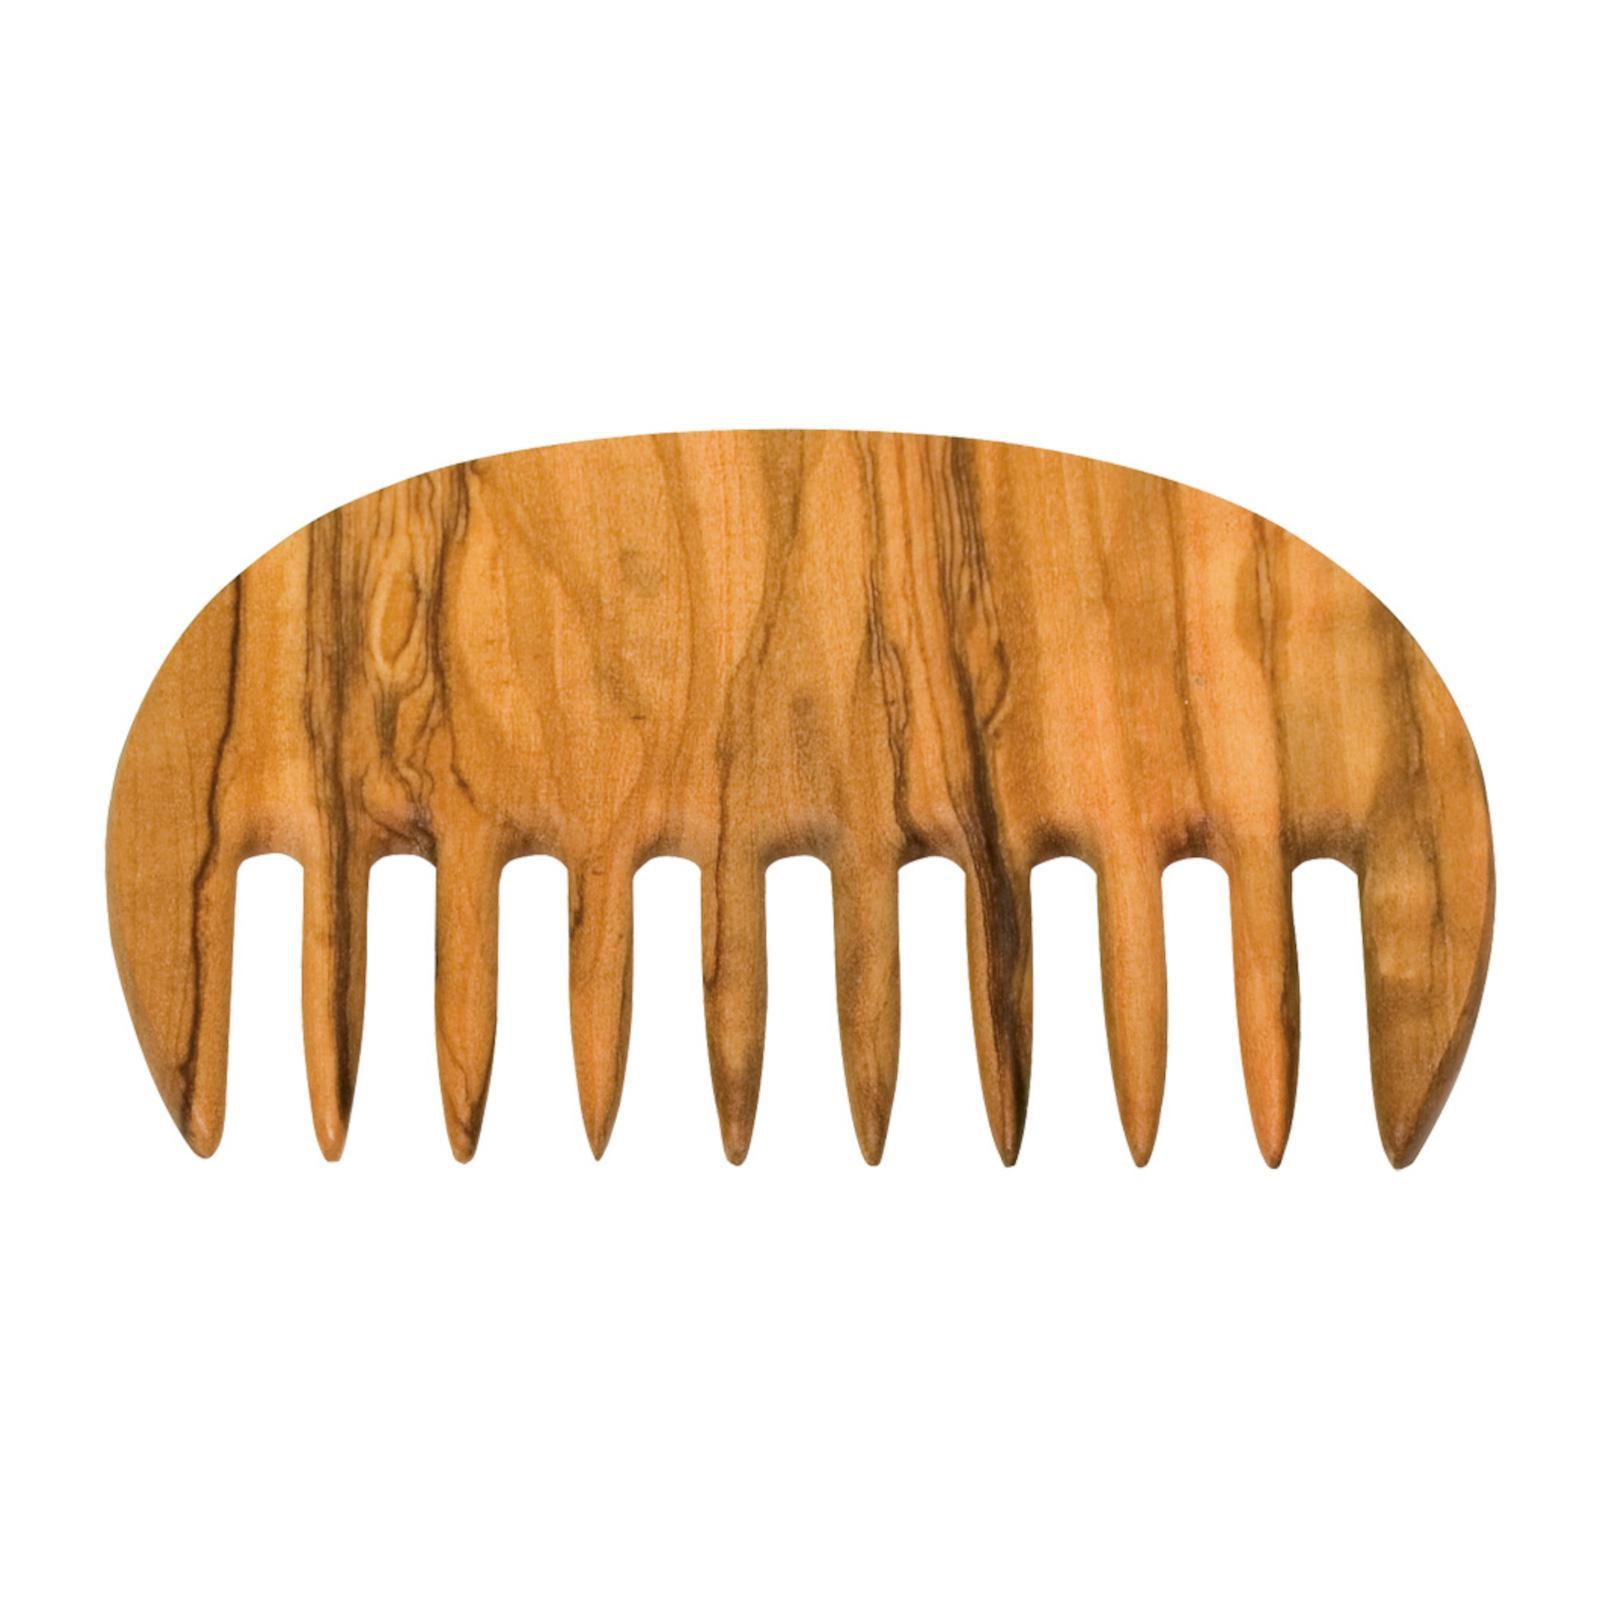 Redecker Hřeben z olivového dřeva Afro Comb 1 ks, 10,5 cm